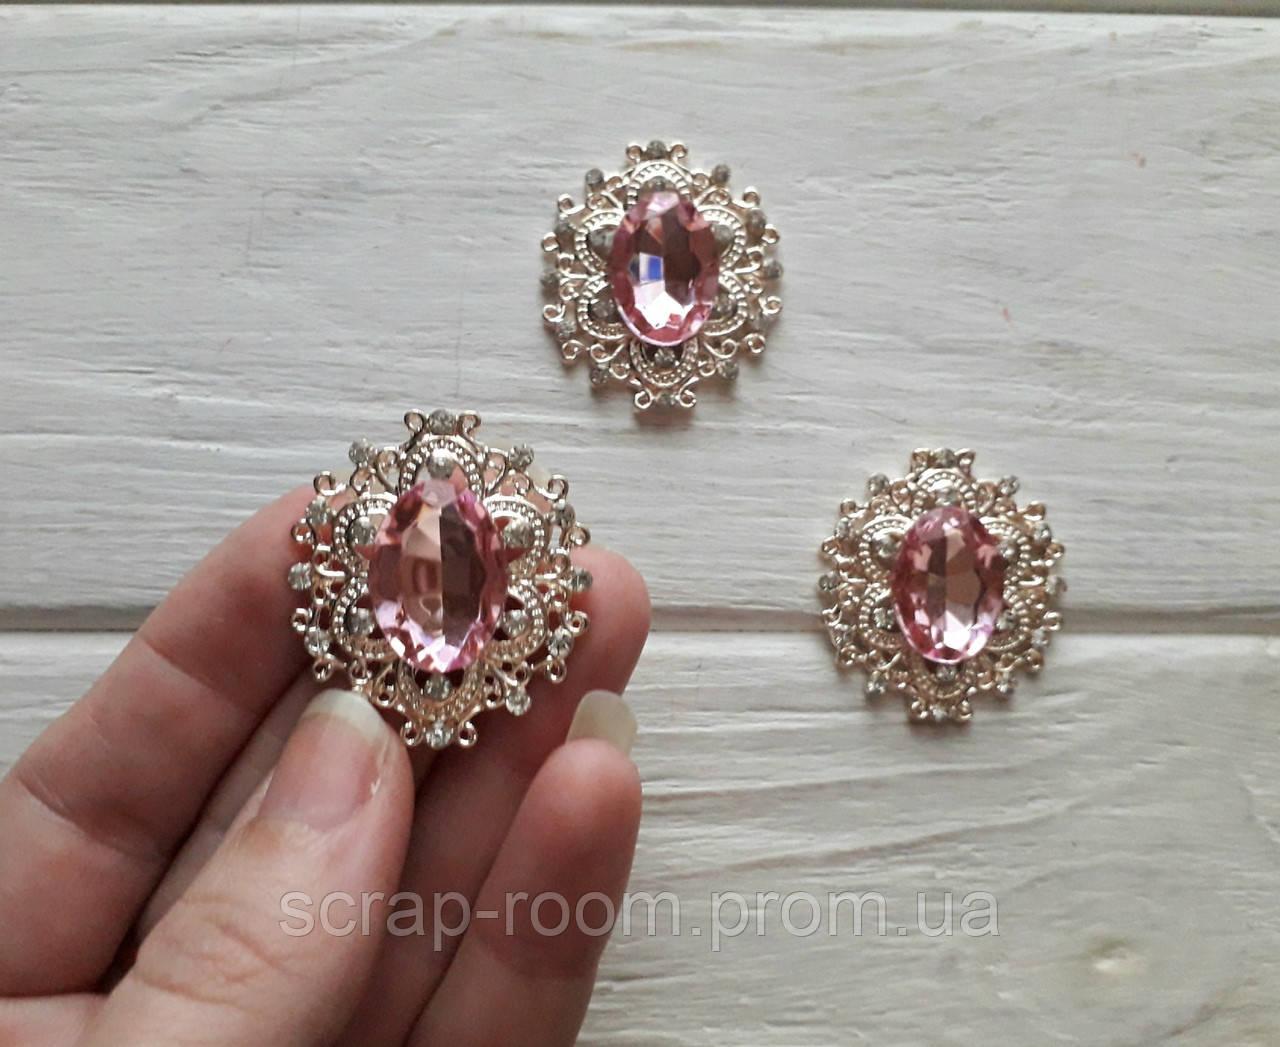 Брошь золото со стразами, брошь с розовым камнем, брошь с камнем, брошь свадебная, размер 28*32 мм, цена за шт